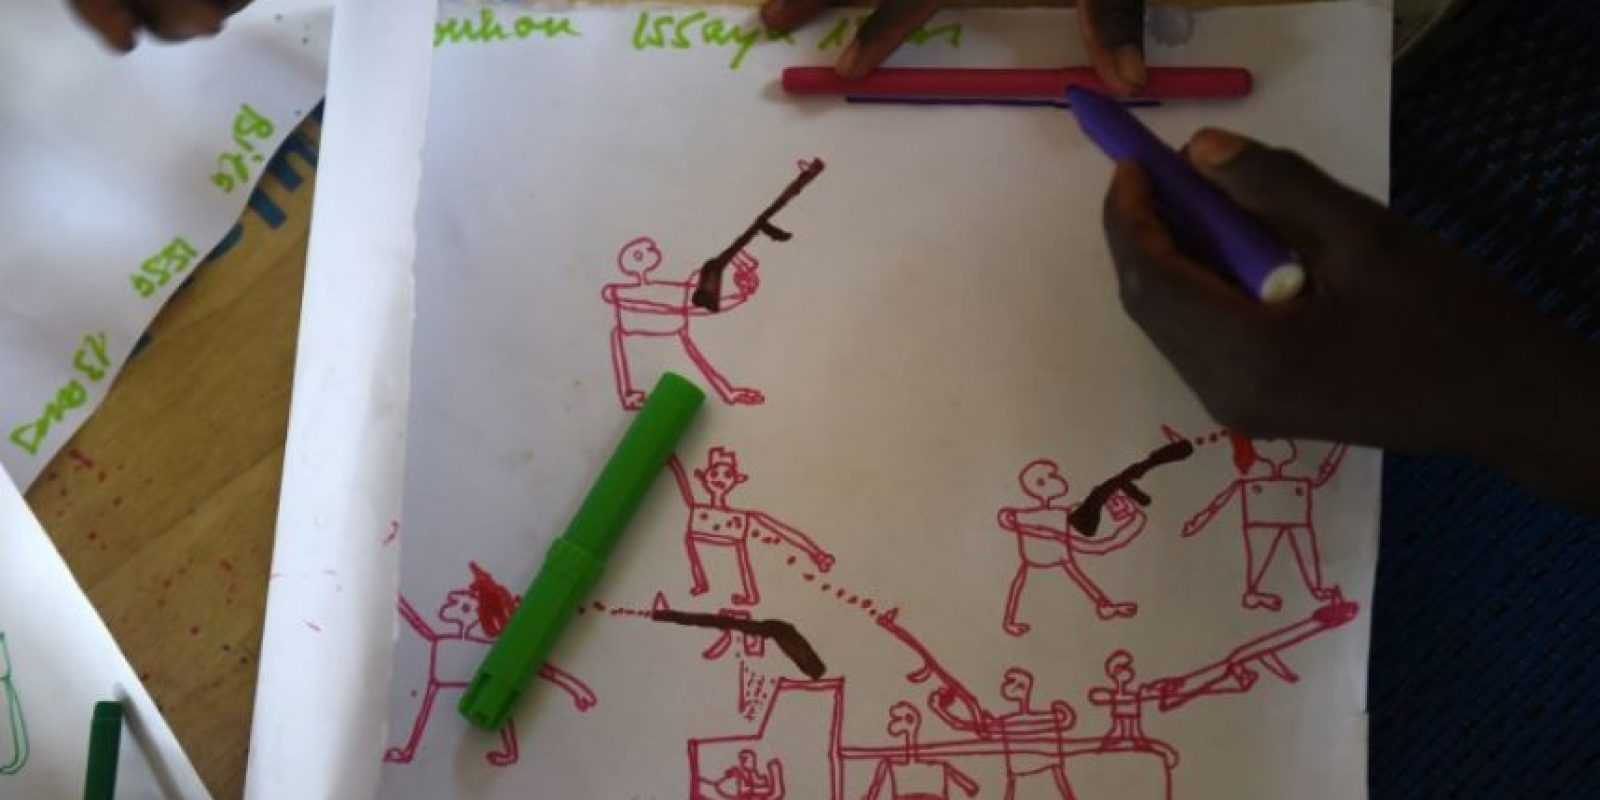 Los dibujos son realizados por niños que han sufrito los ataques de la guerrilla. Foto:AFP